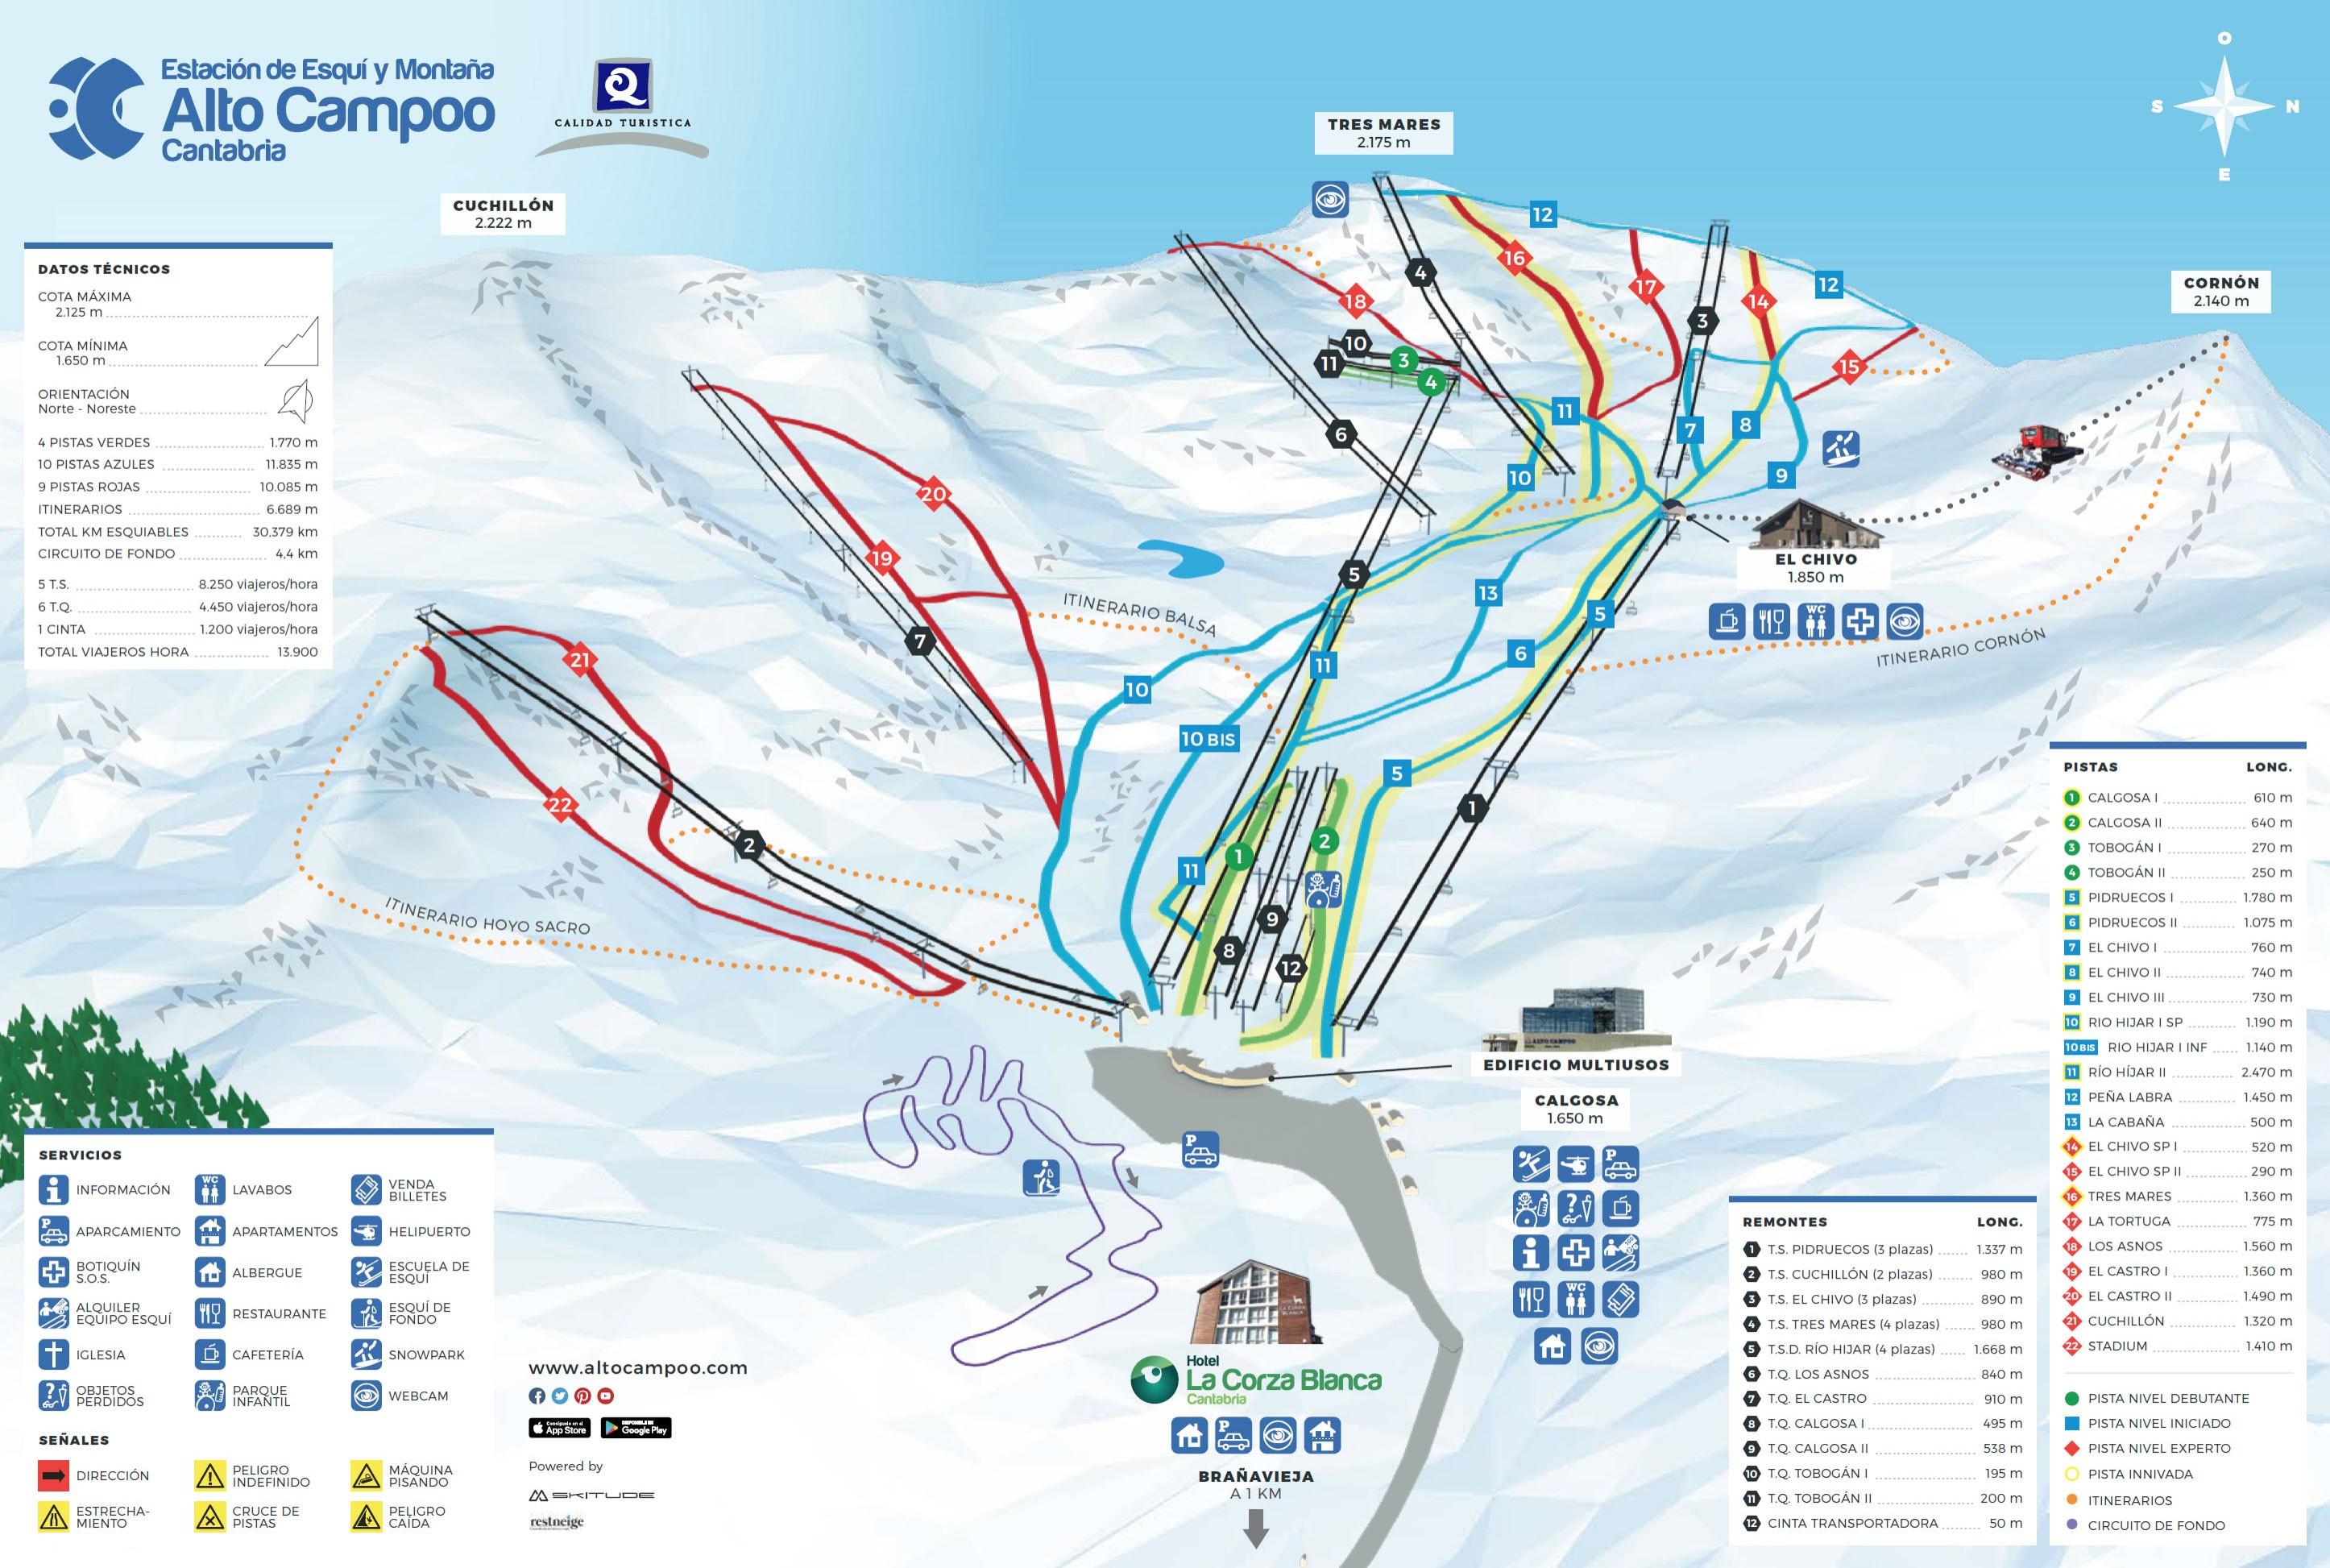 Mapa Estaciones Esqui España.Plano De Pistas De Alto Campoo Infonieve Es